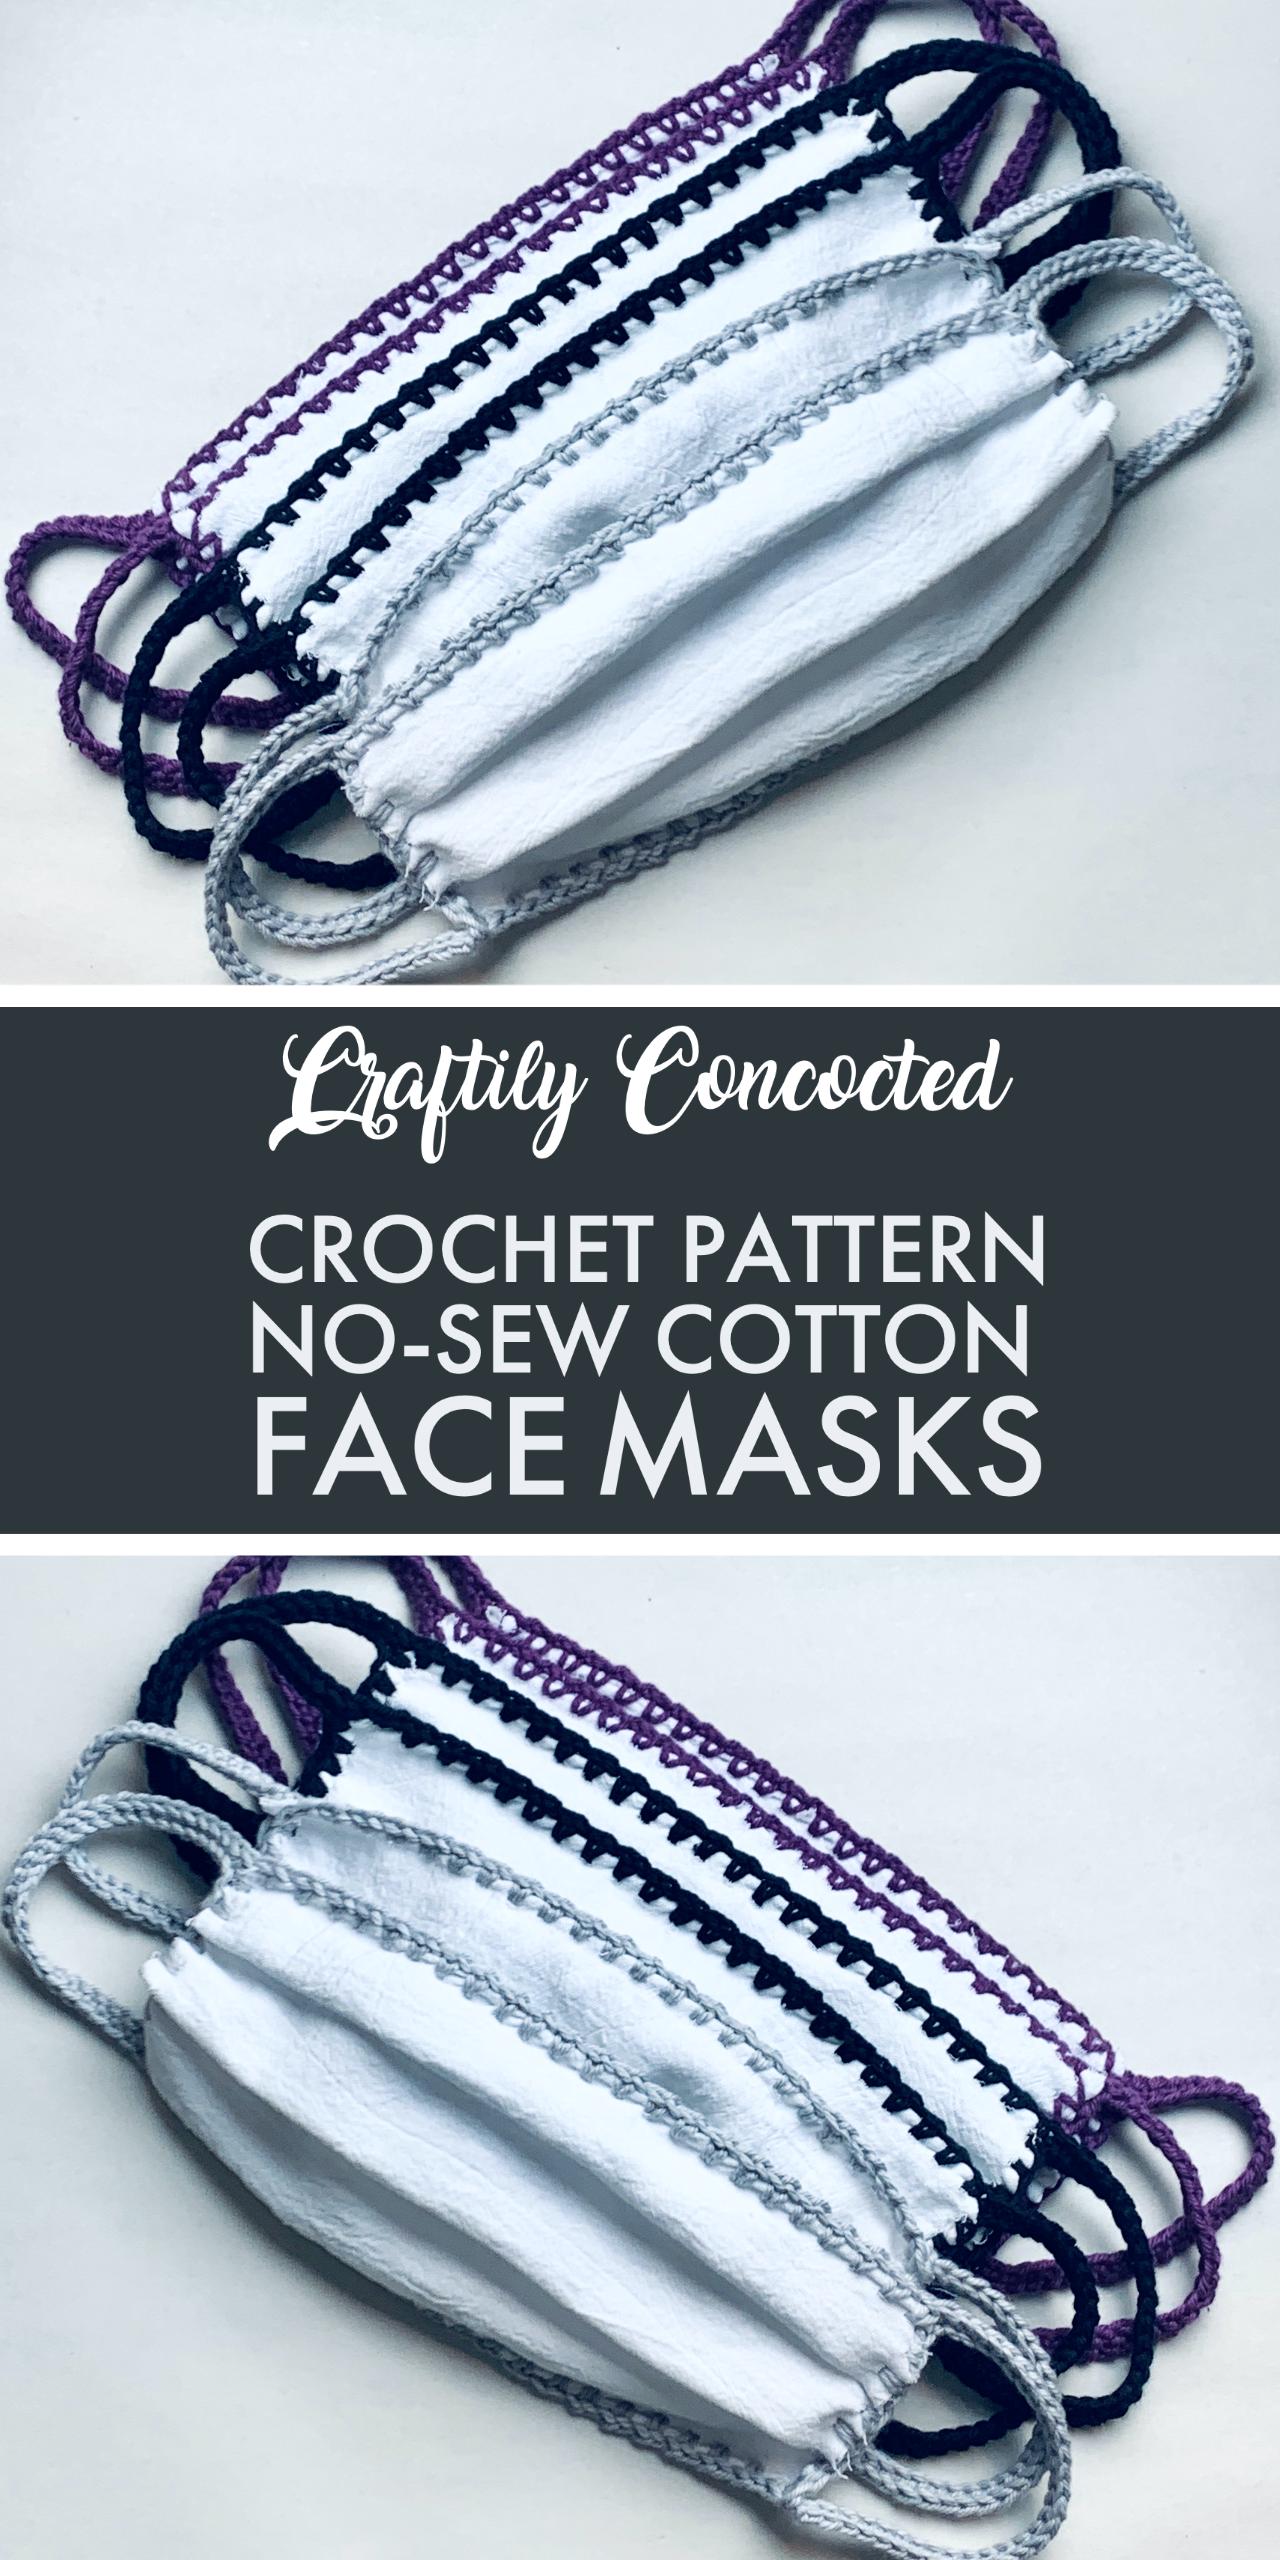 Crochet Pattern - No-Sew Cotton Fask Masks